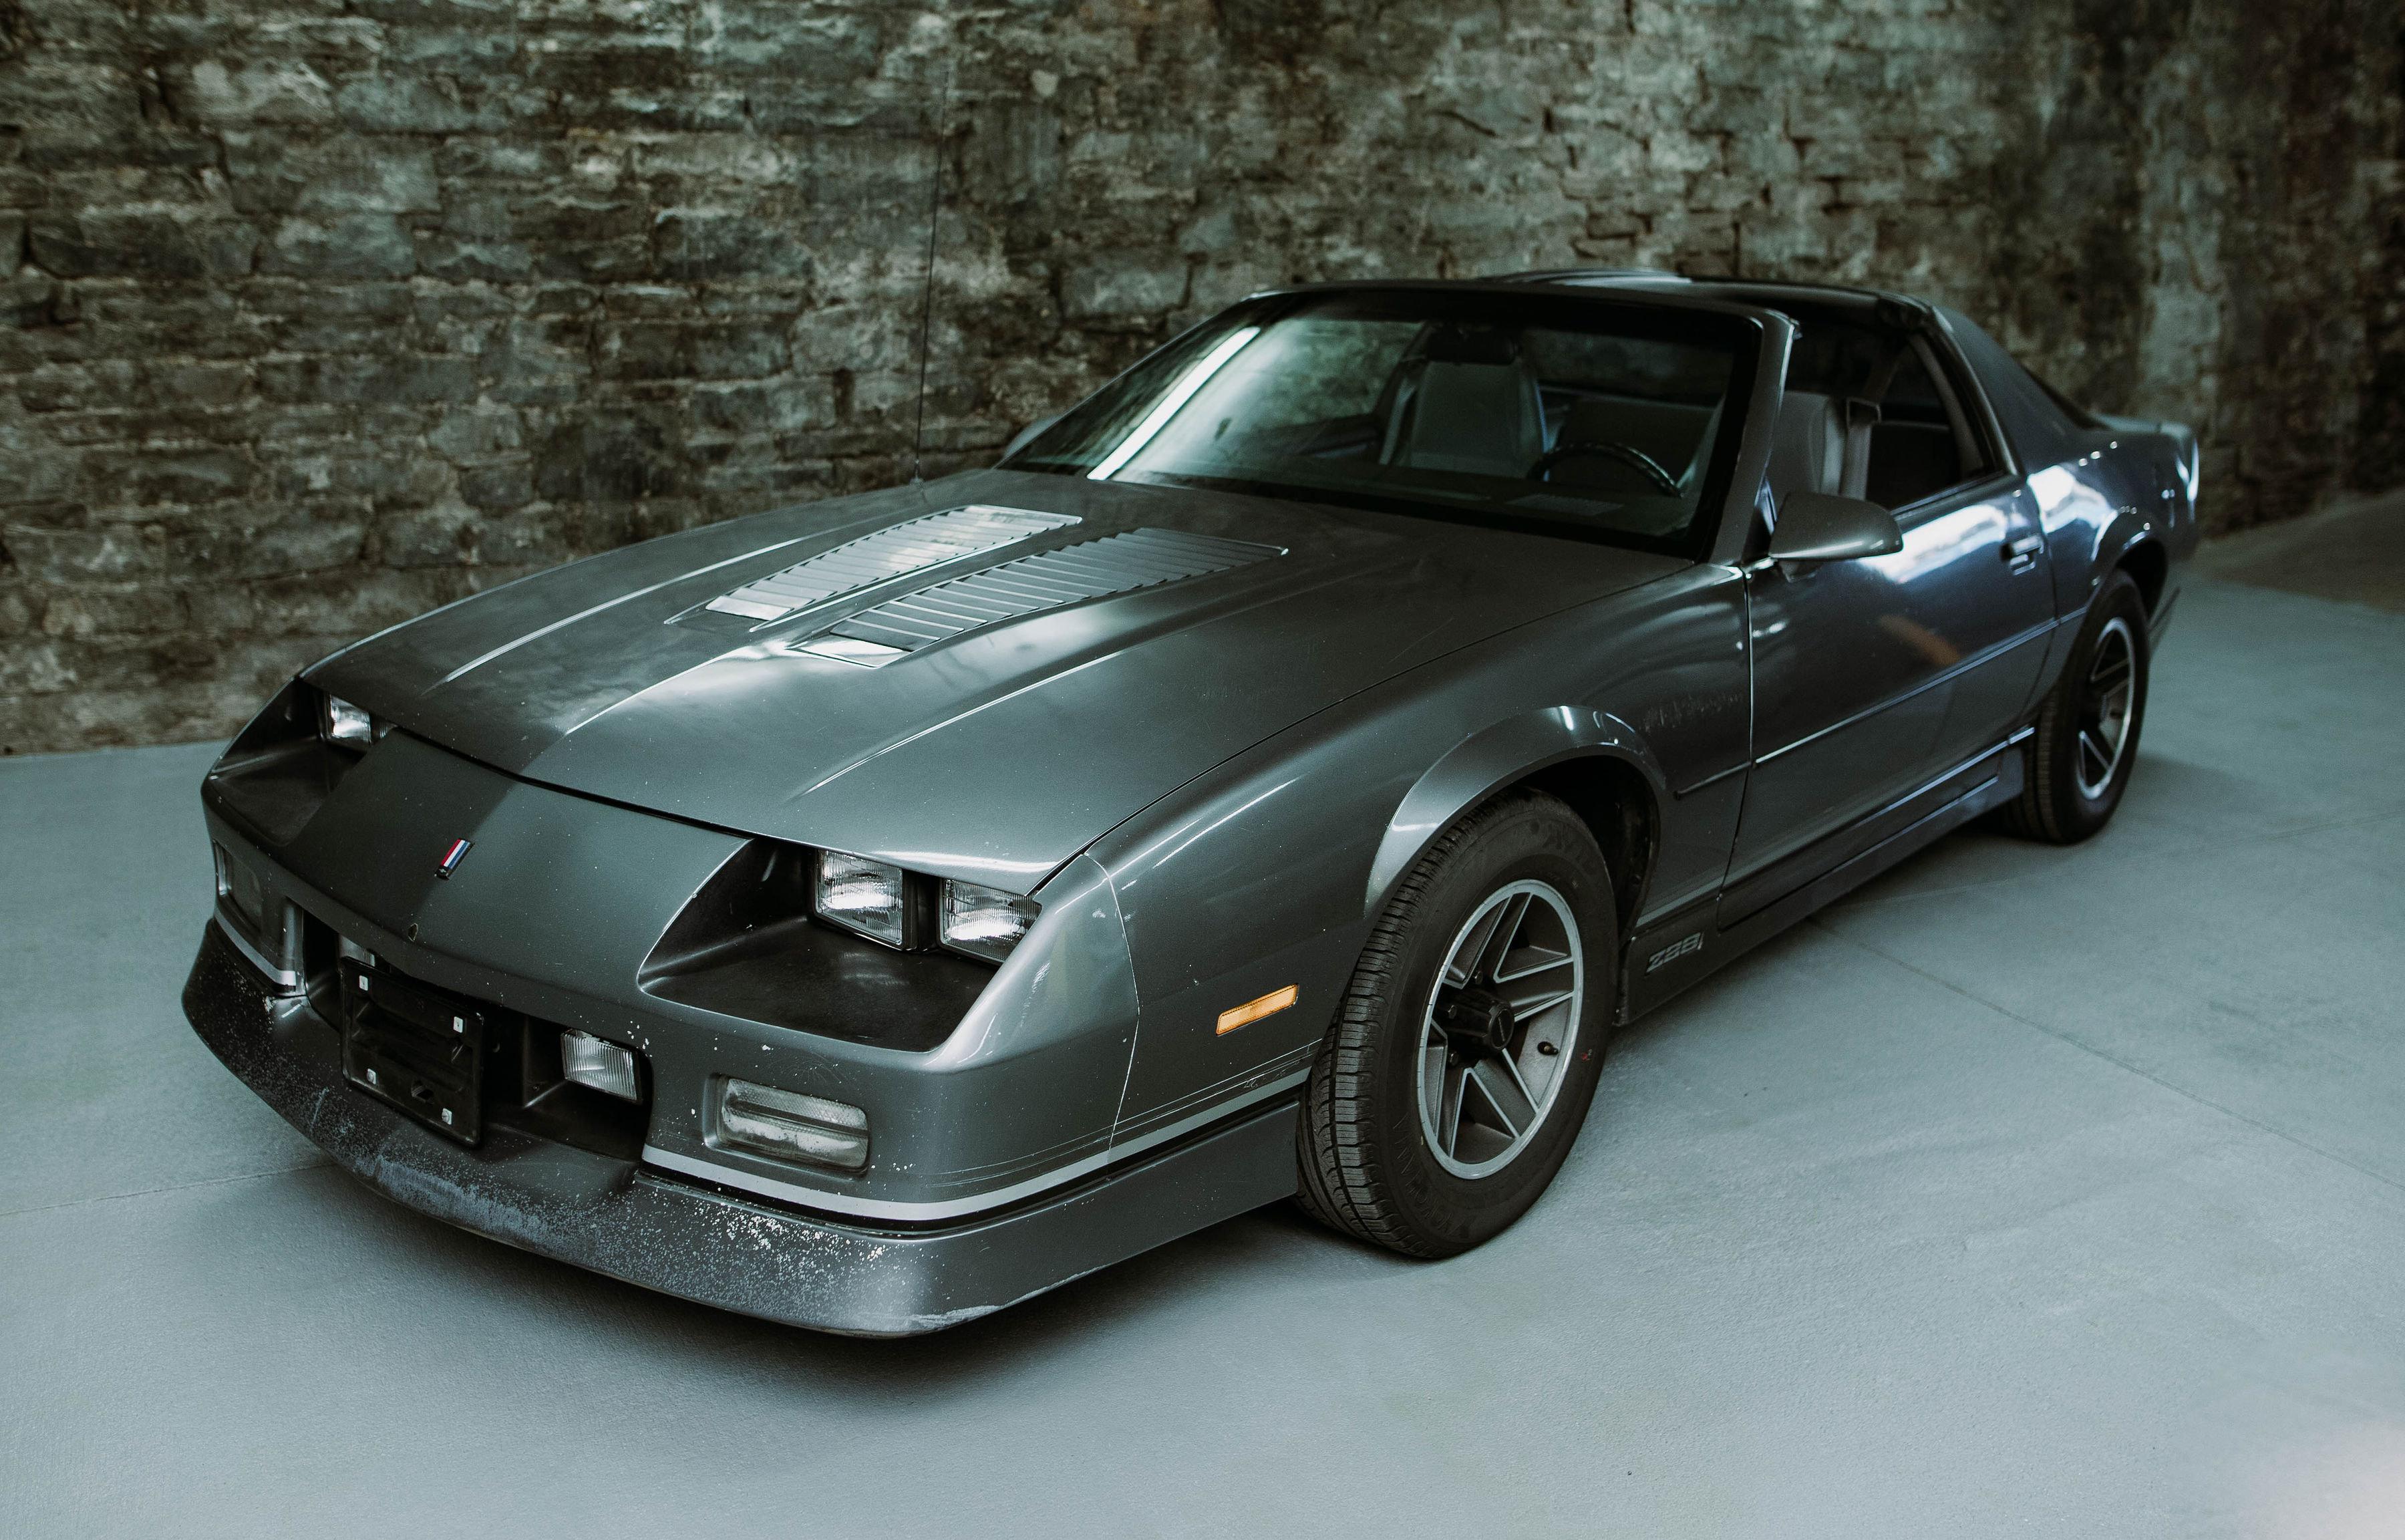 1986 Chevy Camaro Z28 | Soneffsmastergarage